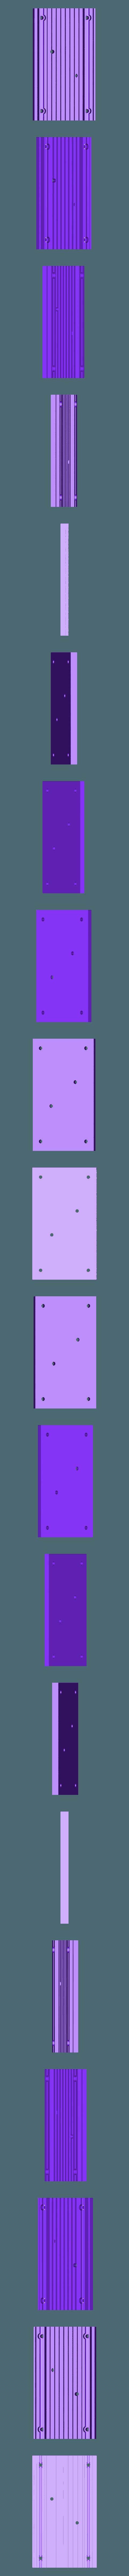 side_RT_vector_plate_GB2.stl Télécharger fichier STL gratuit Ghostbuster Ghostbuster Ghosttrap • Modèle pour impression 3D, SLIDES